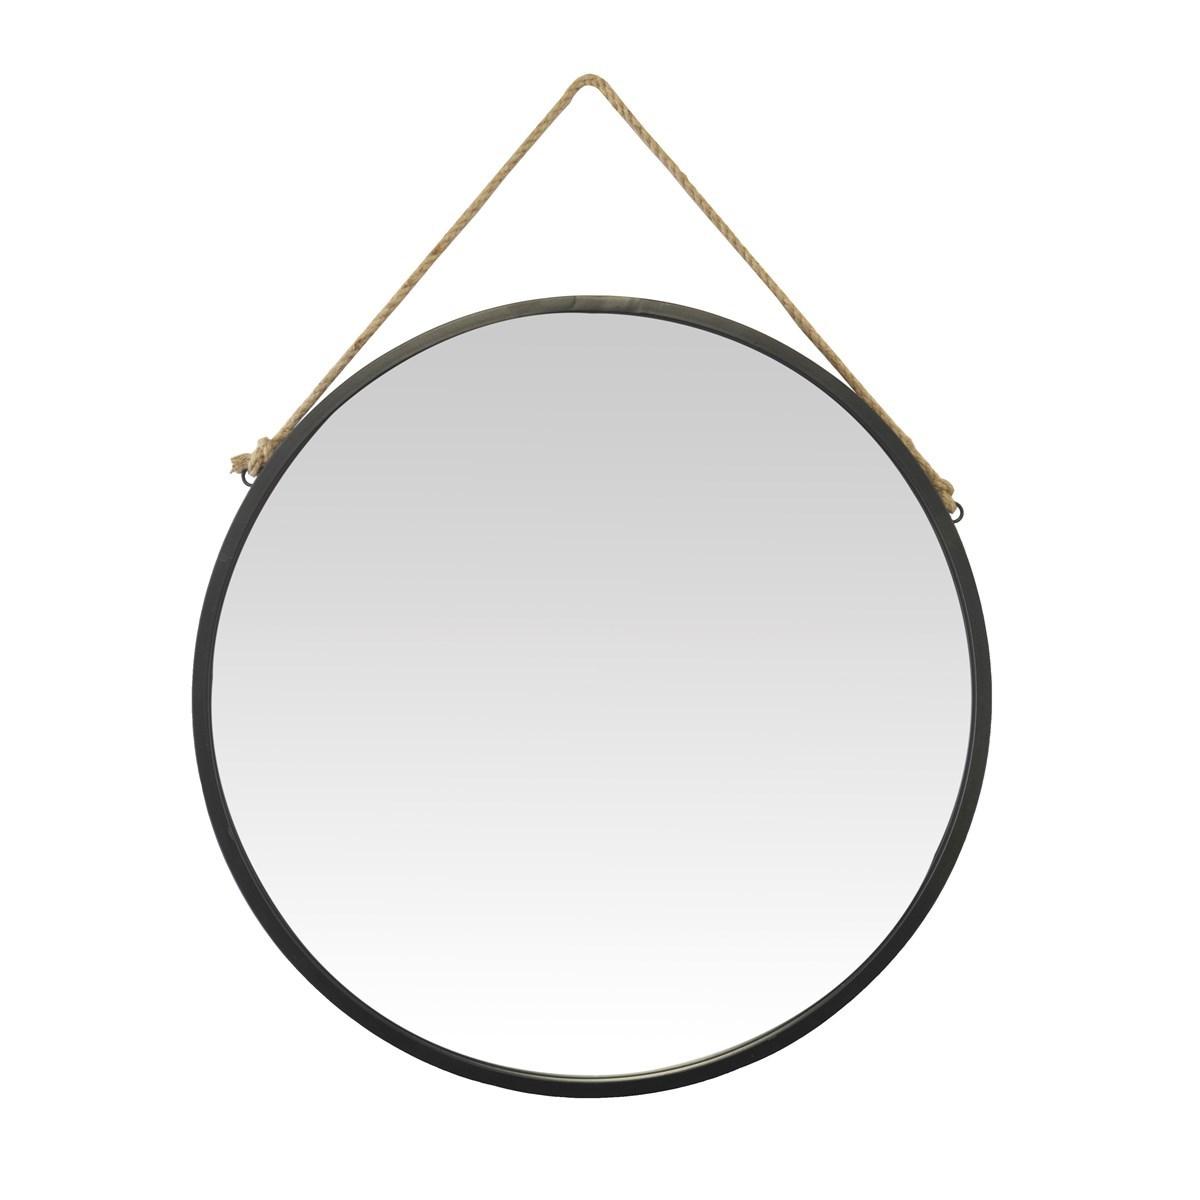 Miroir rond avec accroche en corde en métal noir D : 70 cm